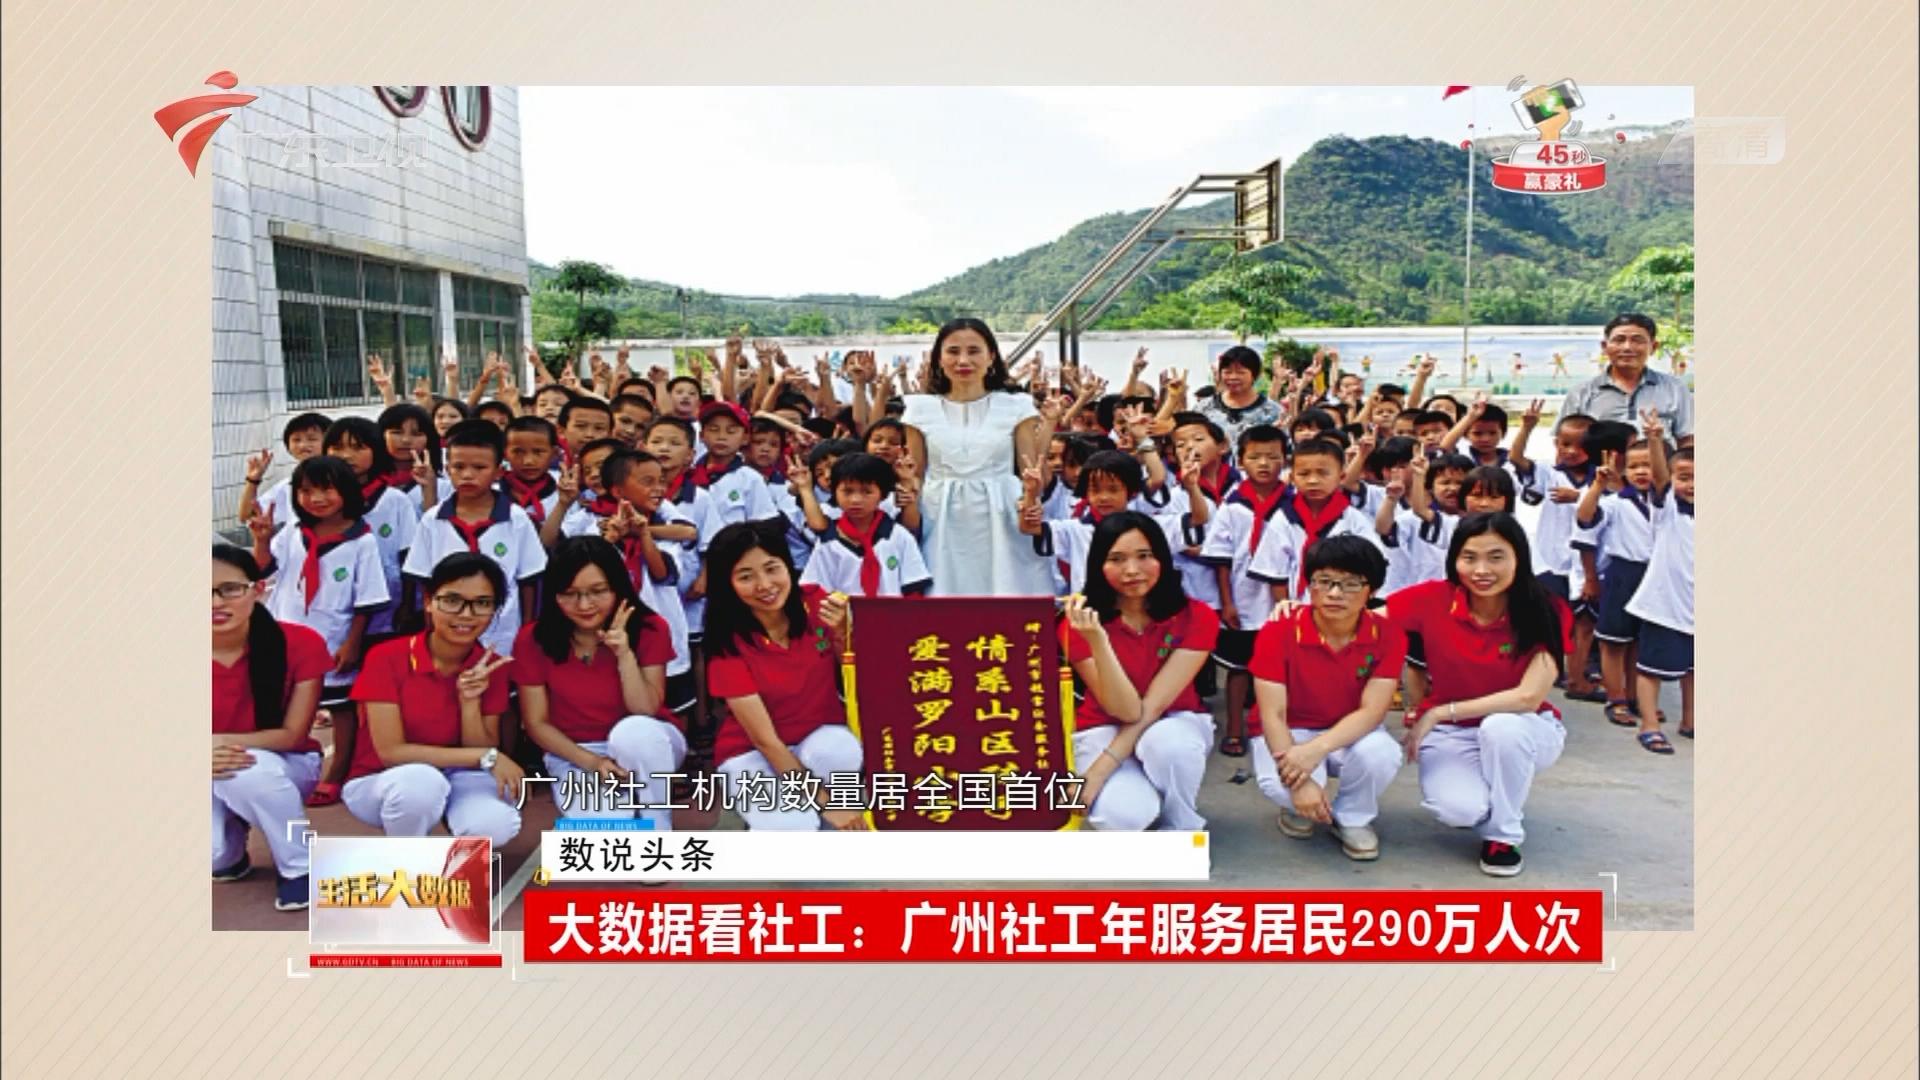 大数据看社工:广州社工年服务居民290万人次